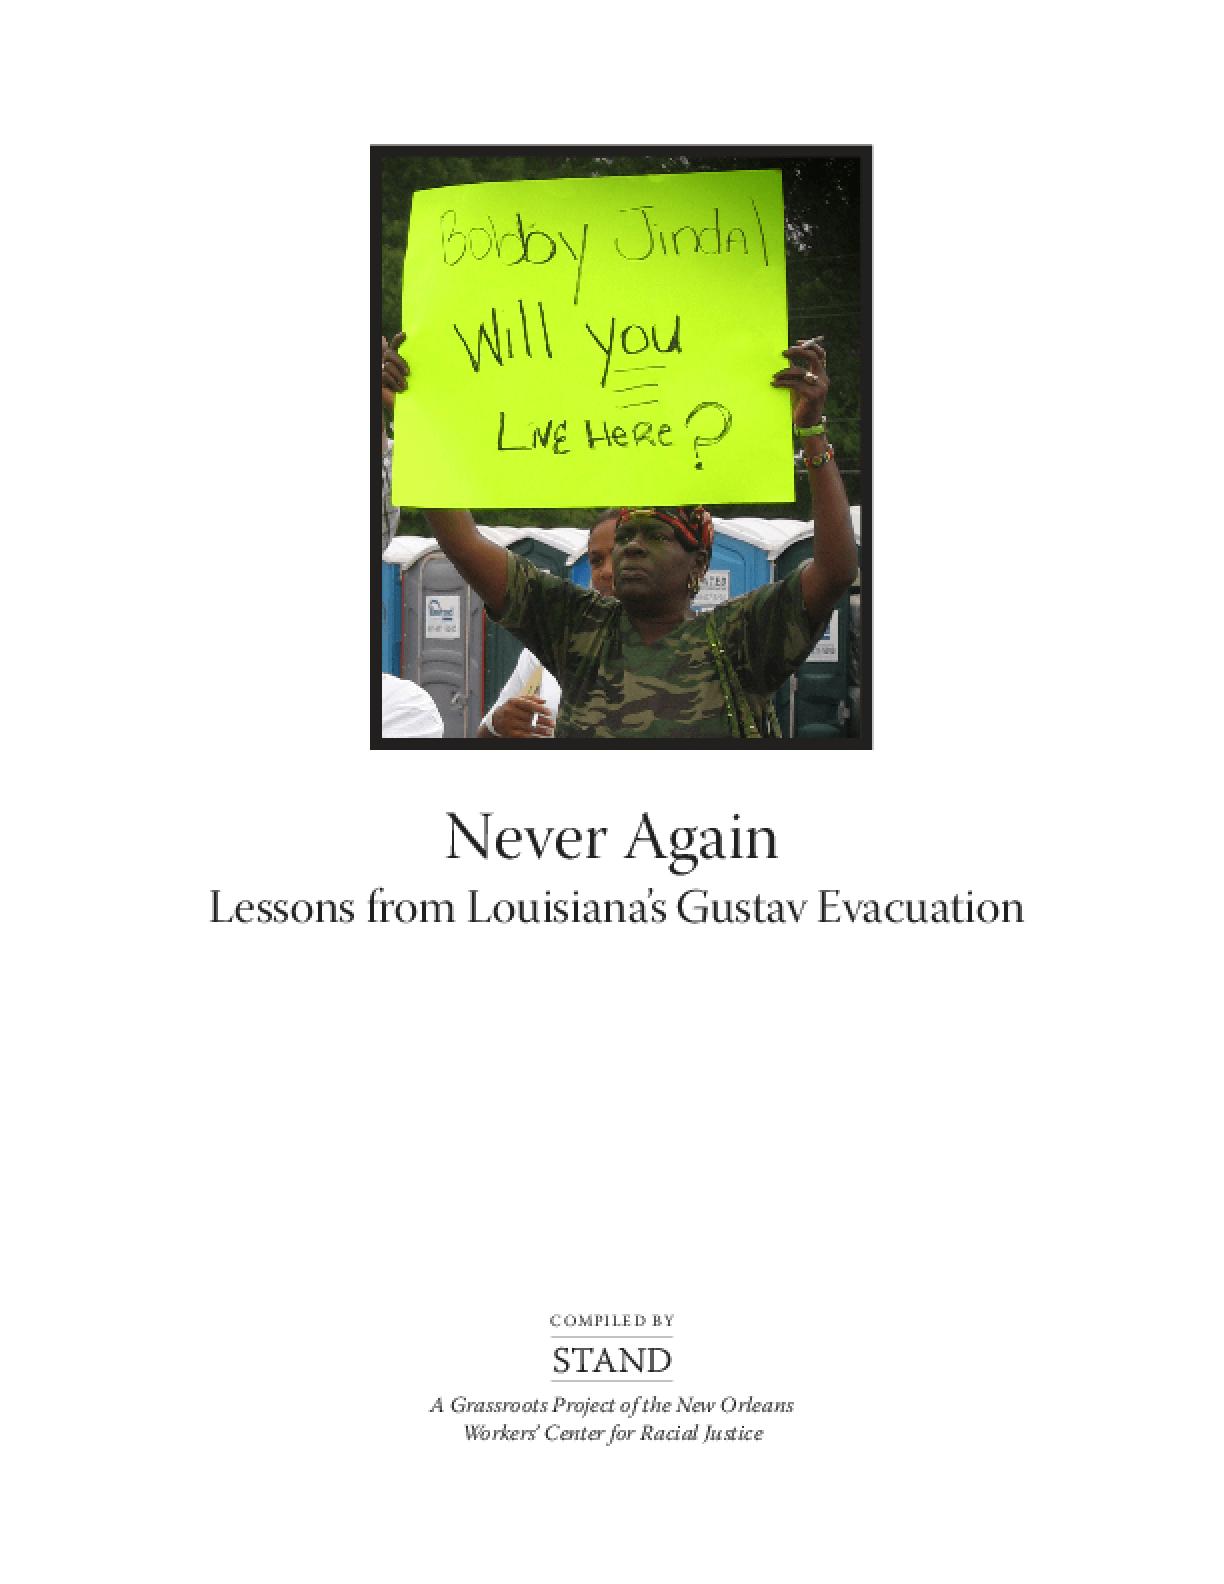 Never Again: Lessons from Louisiana's Gustav Evacuation